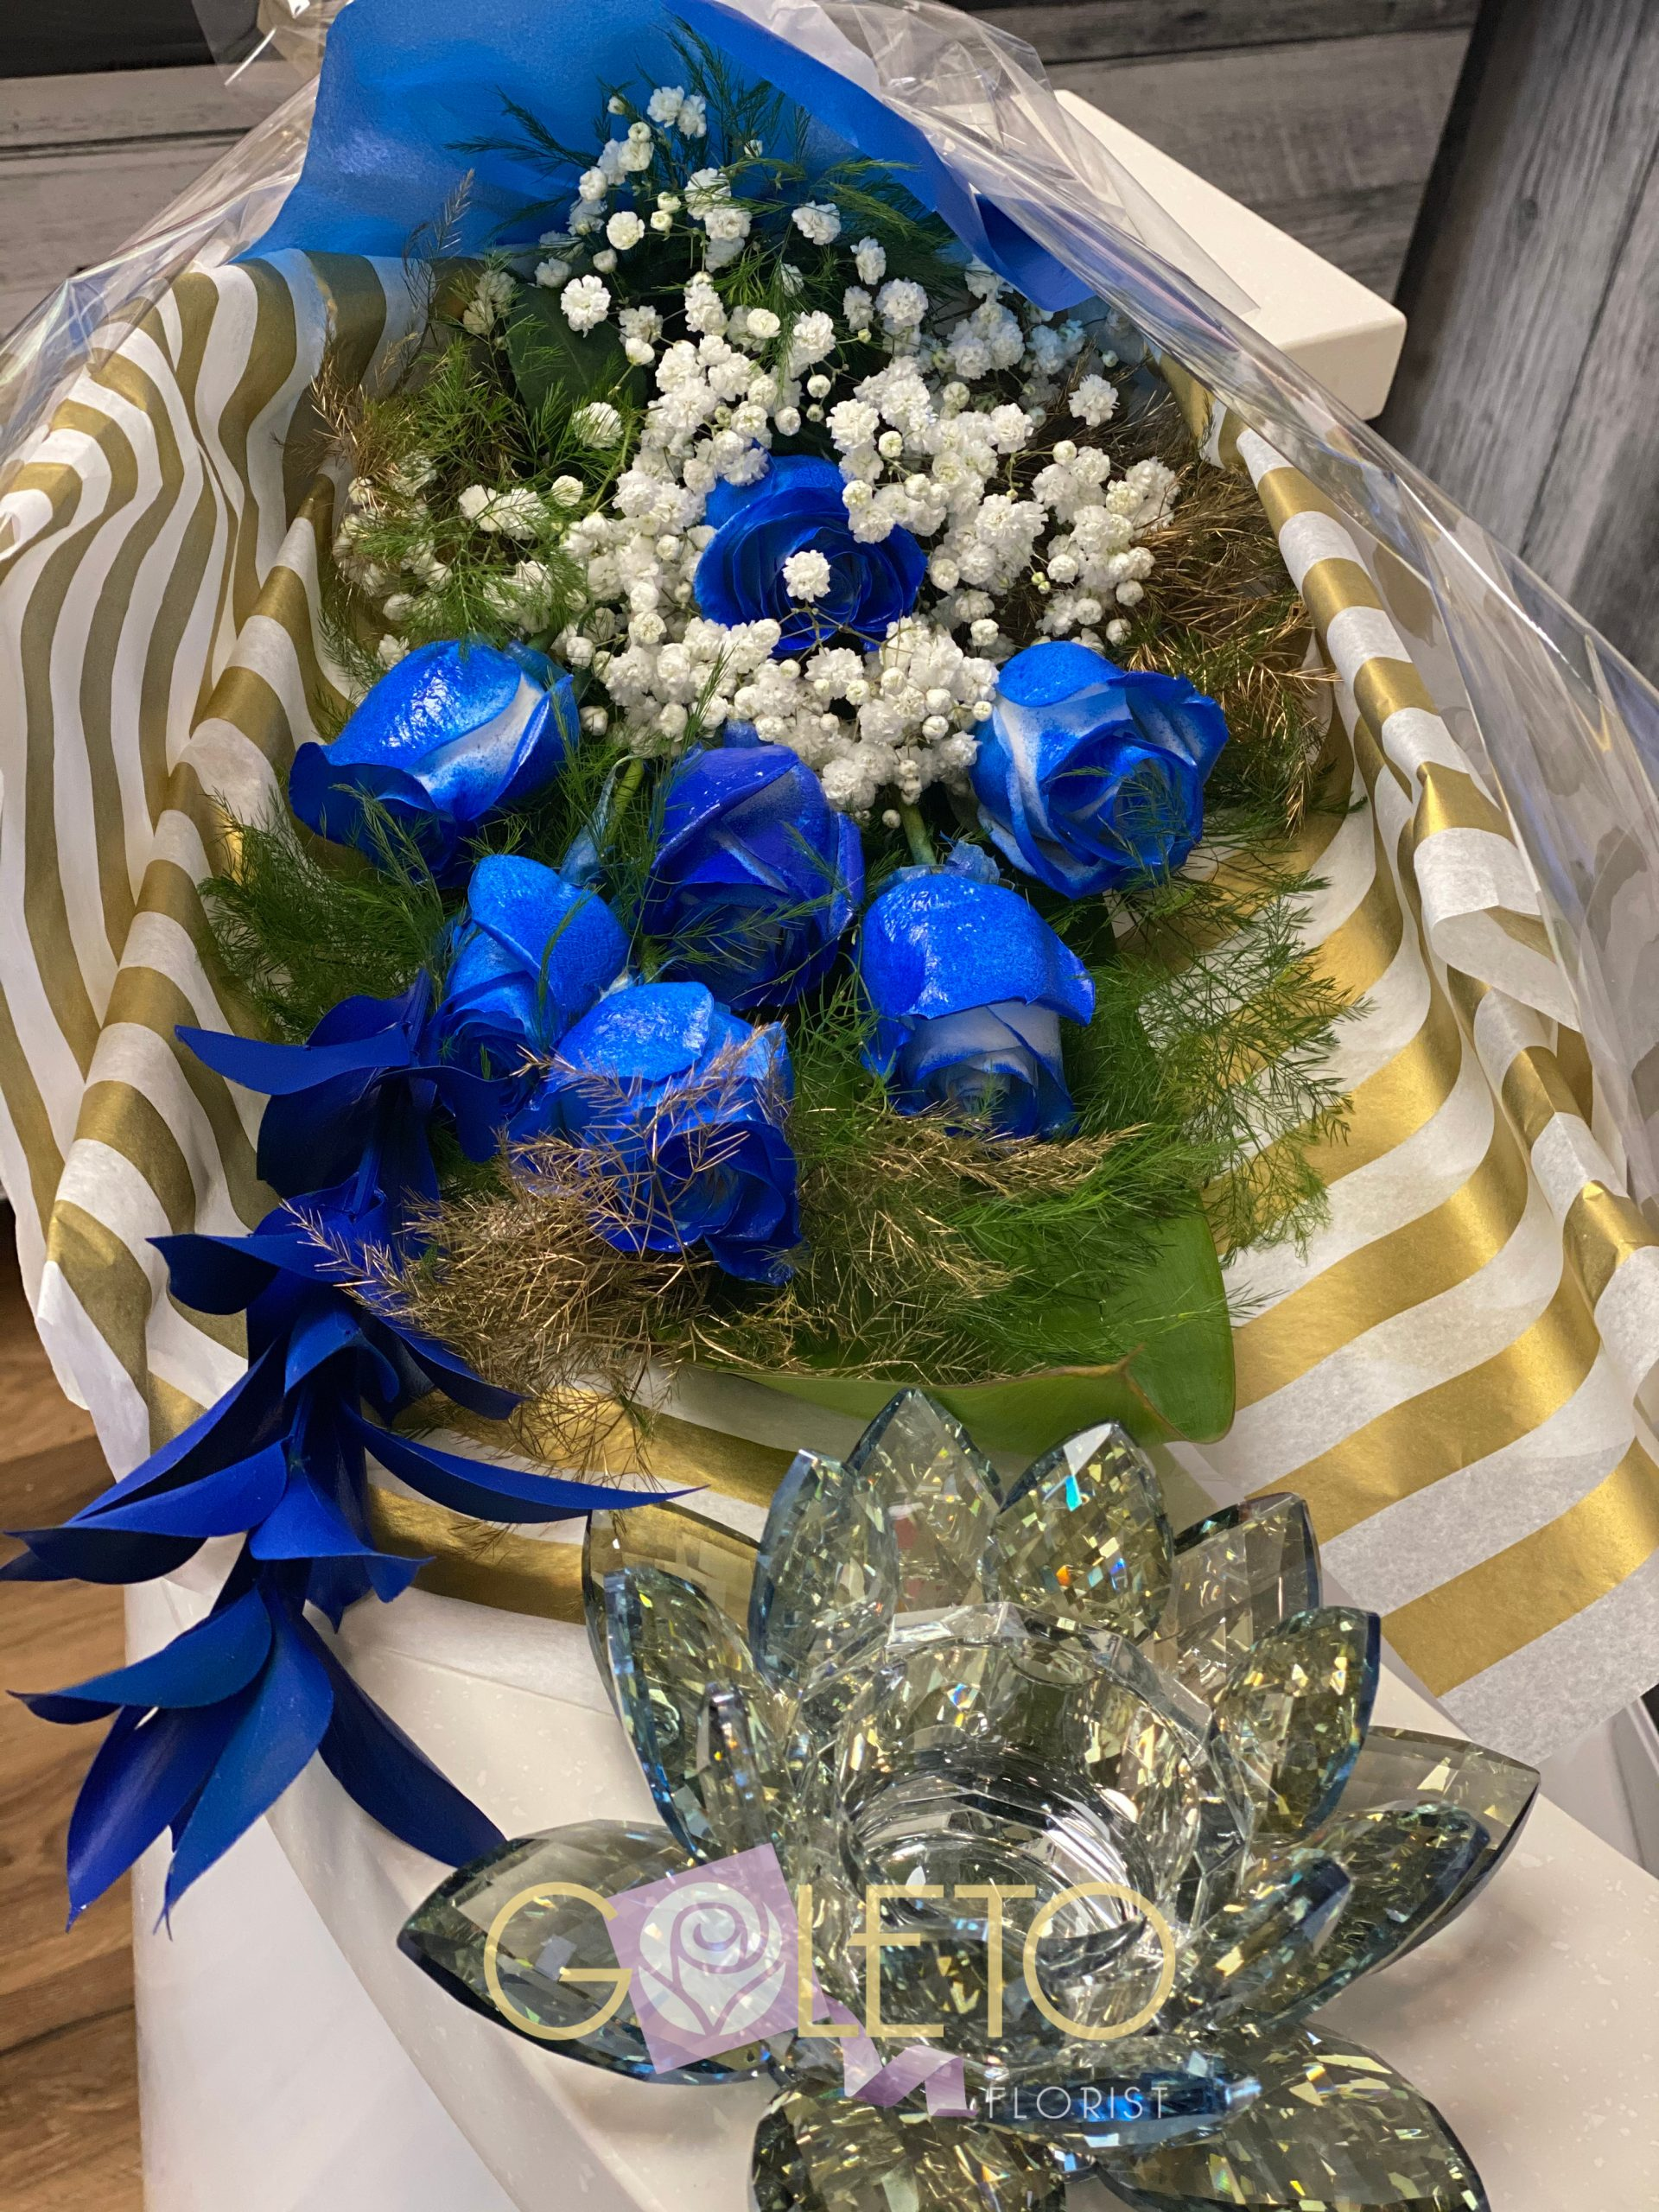 Goleto Birthday Flowers design 14